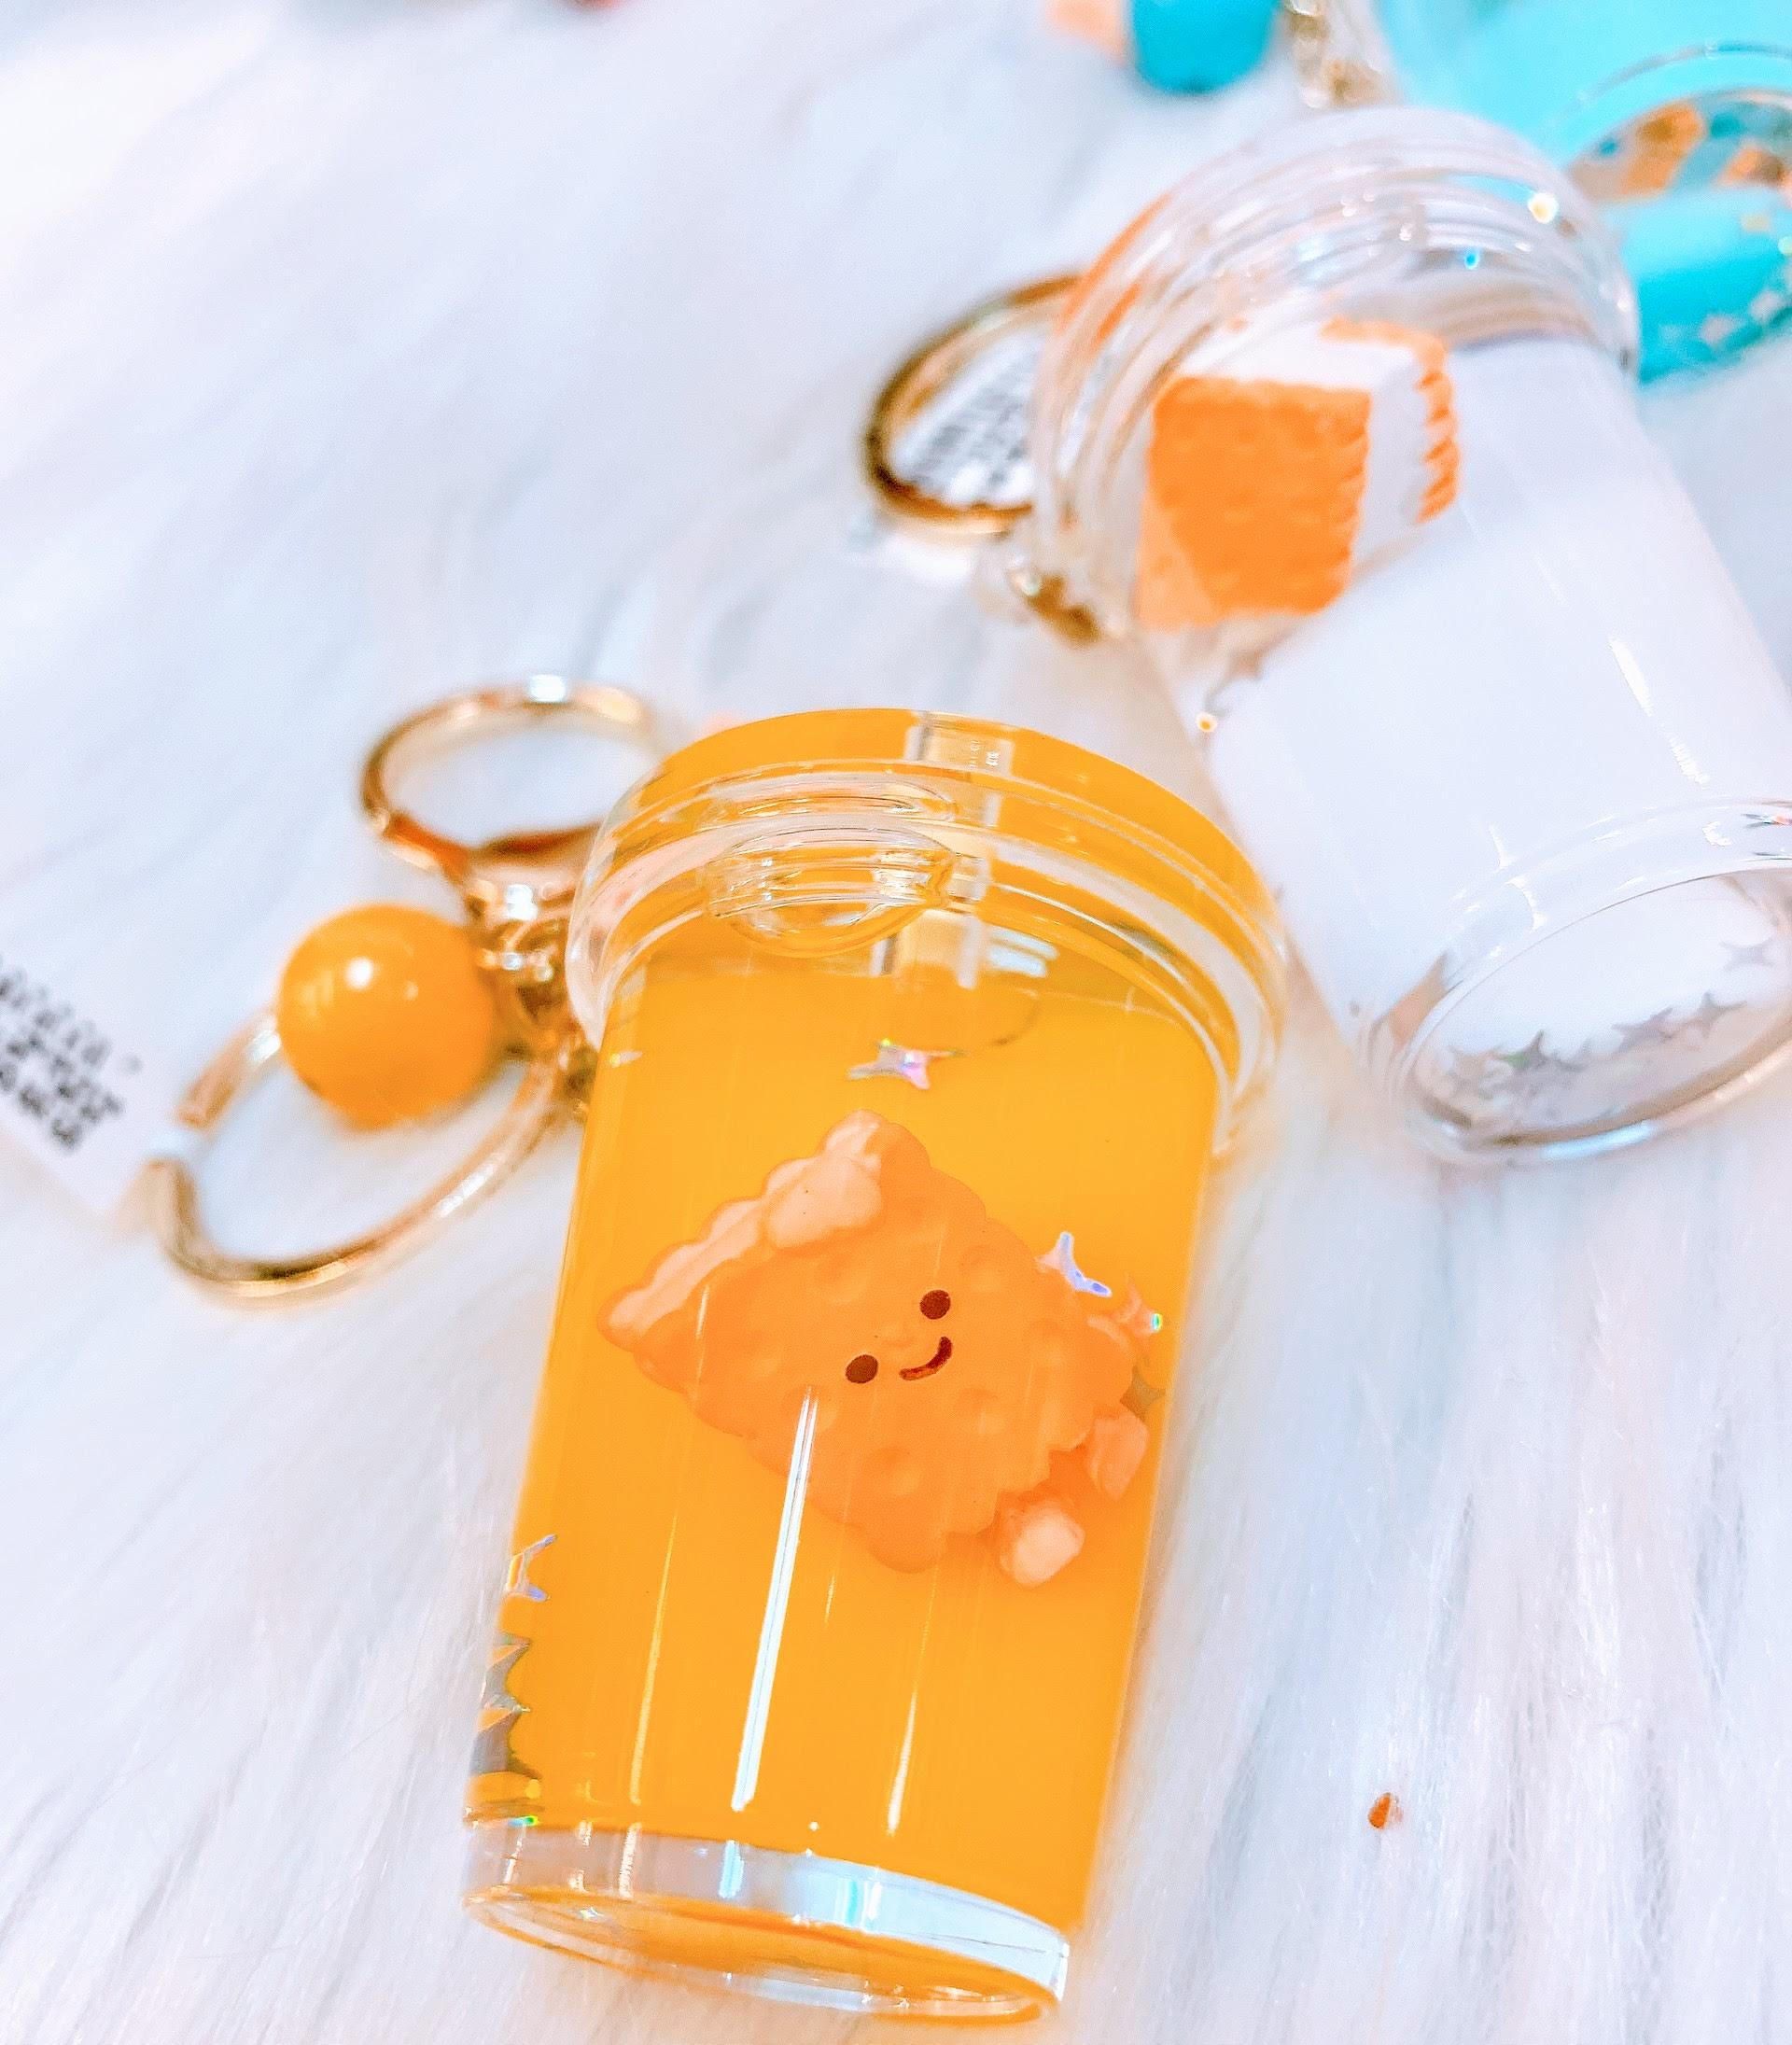 Móc Khóa Trà Sữa Biscuit - 1 Cái - Giao Màu Ngẫu Nhiên